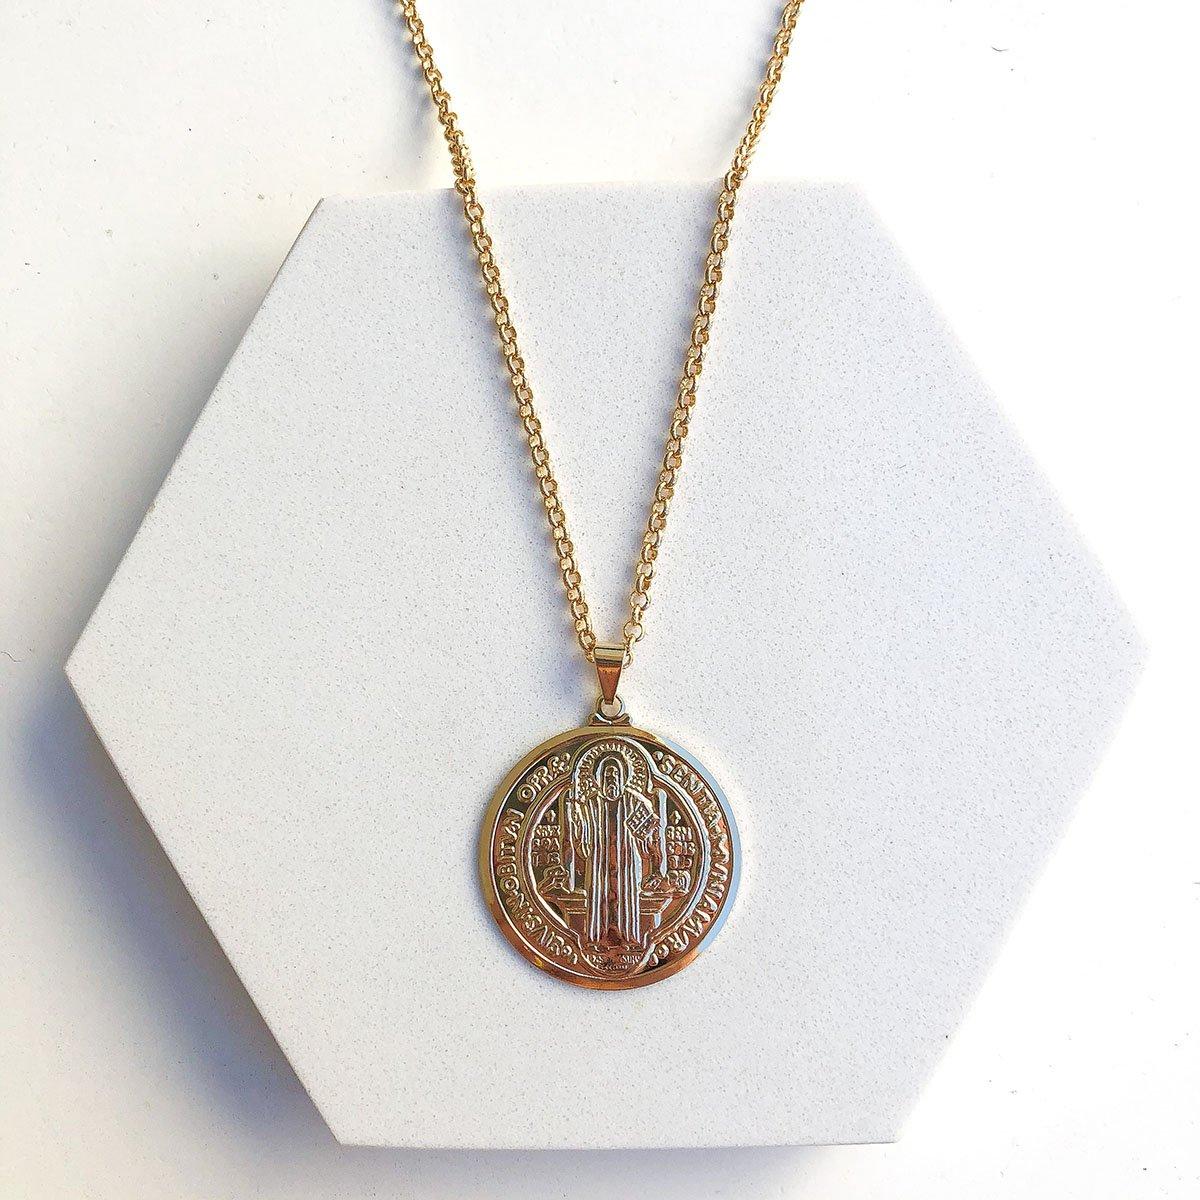 Colar Espirito Santo Medalha Estilizada Banhado a Ouro 18k